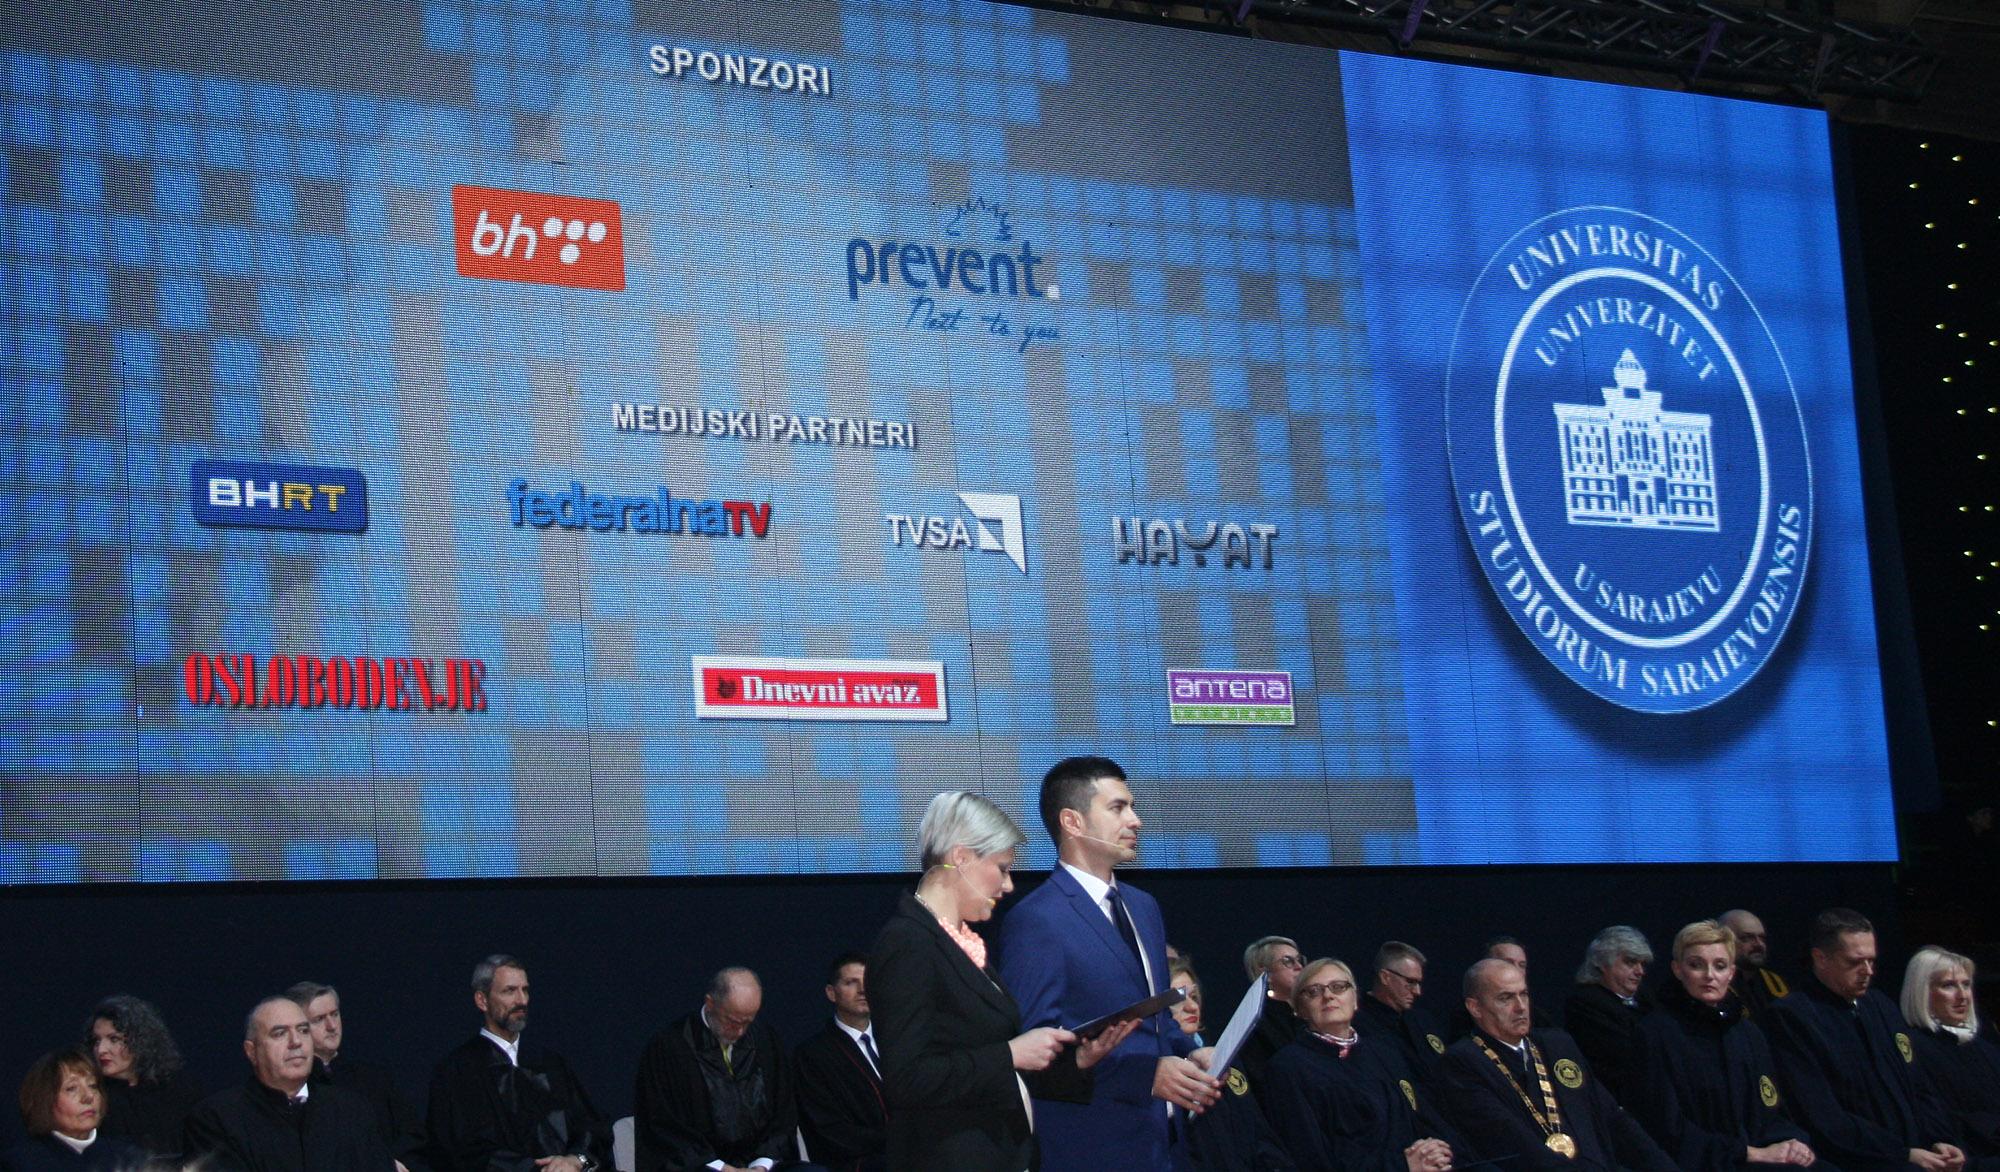 Sponzori i medijski partneri